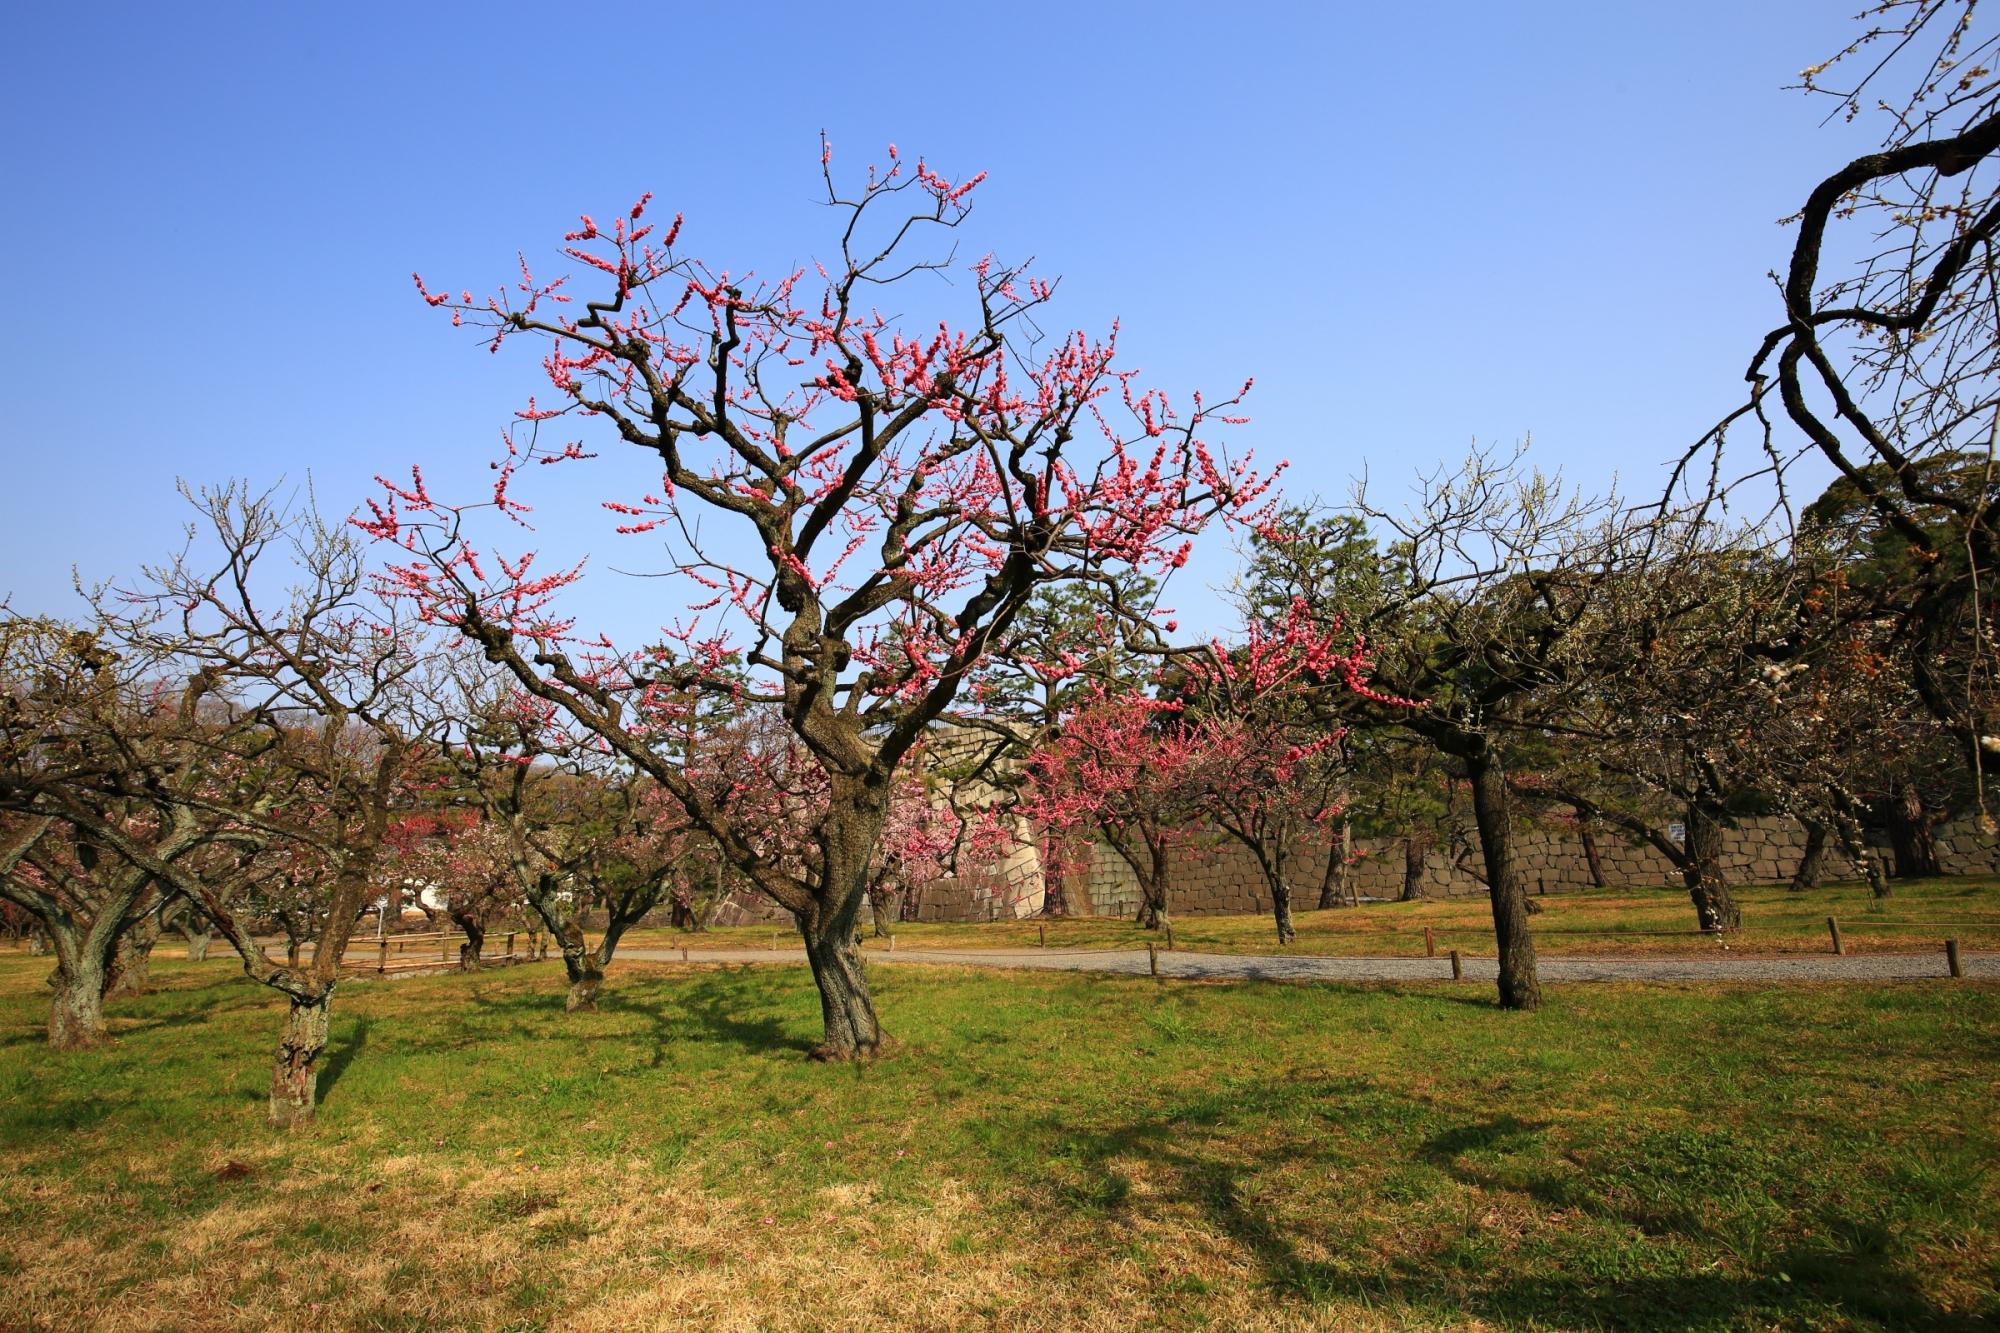 青空に映える梅林のたくさんの梅